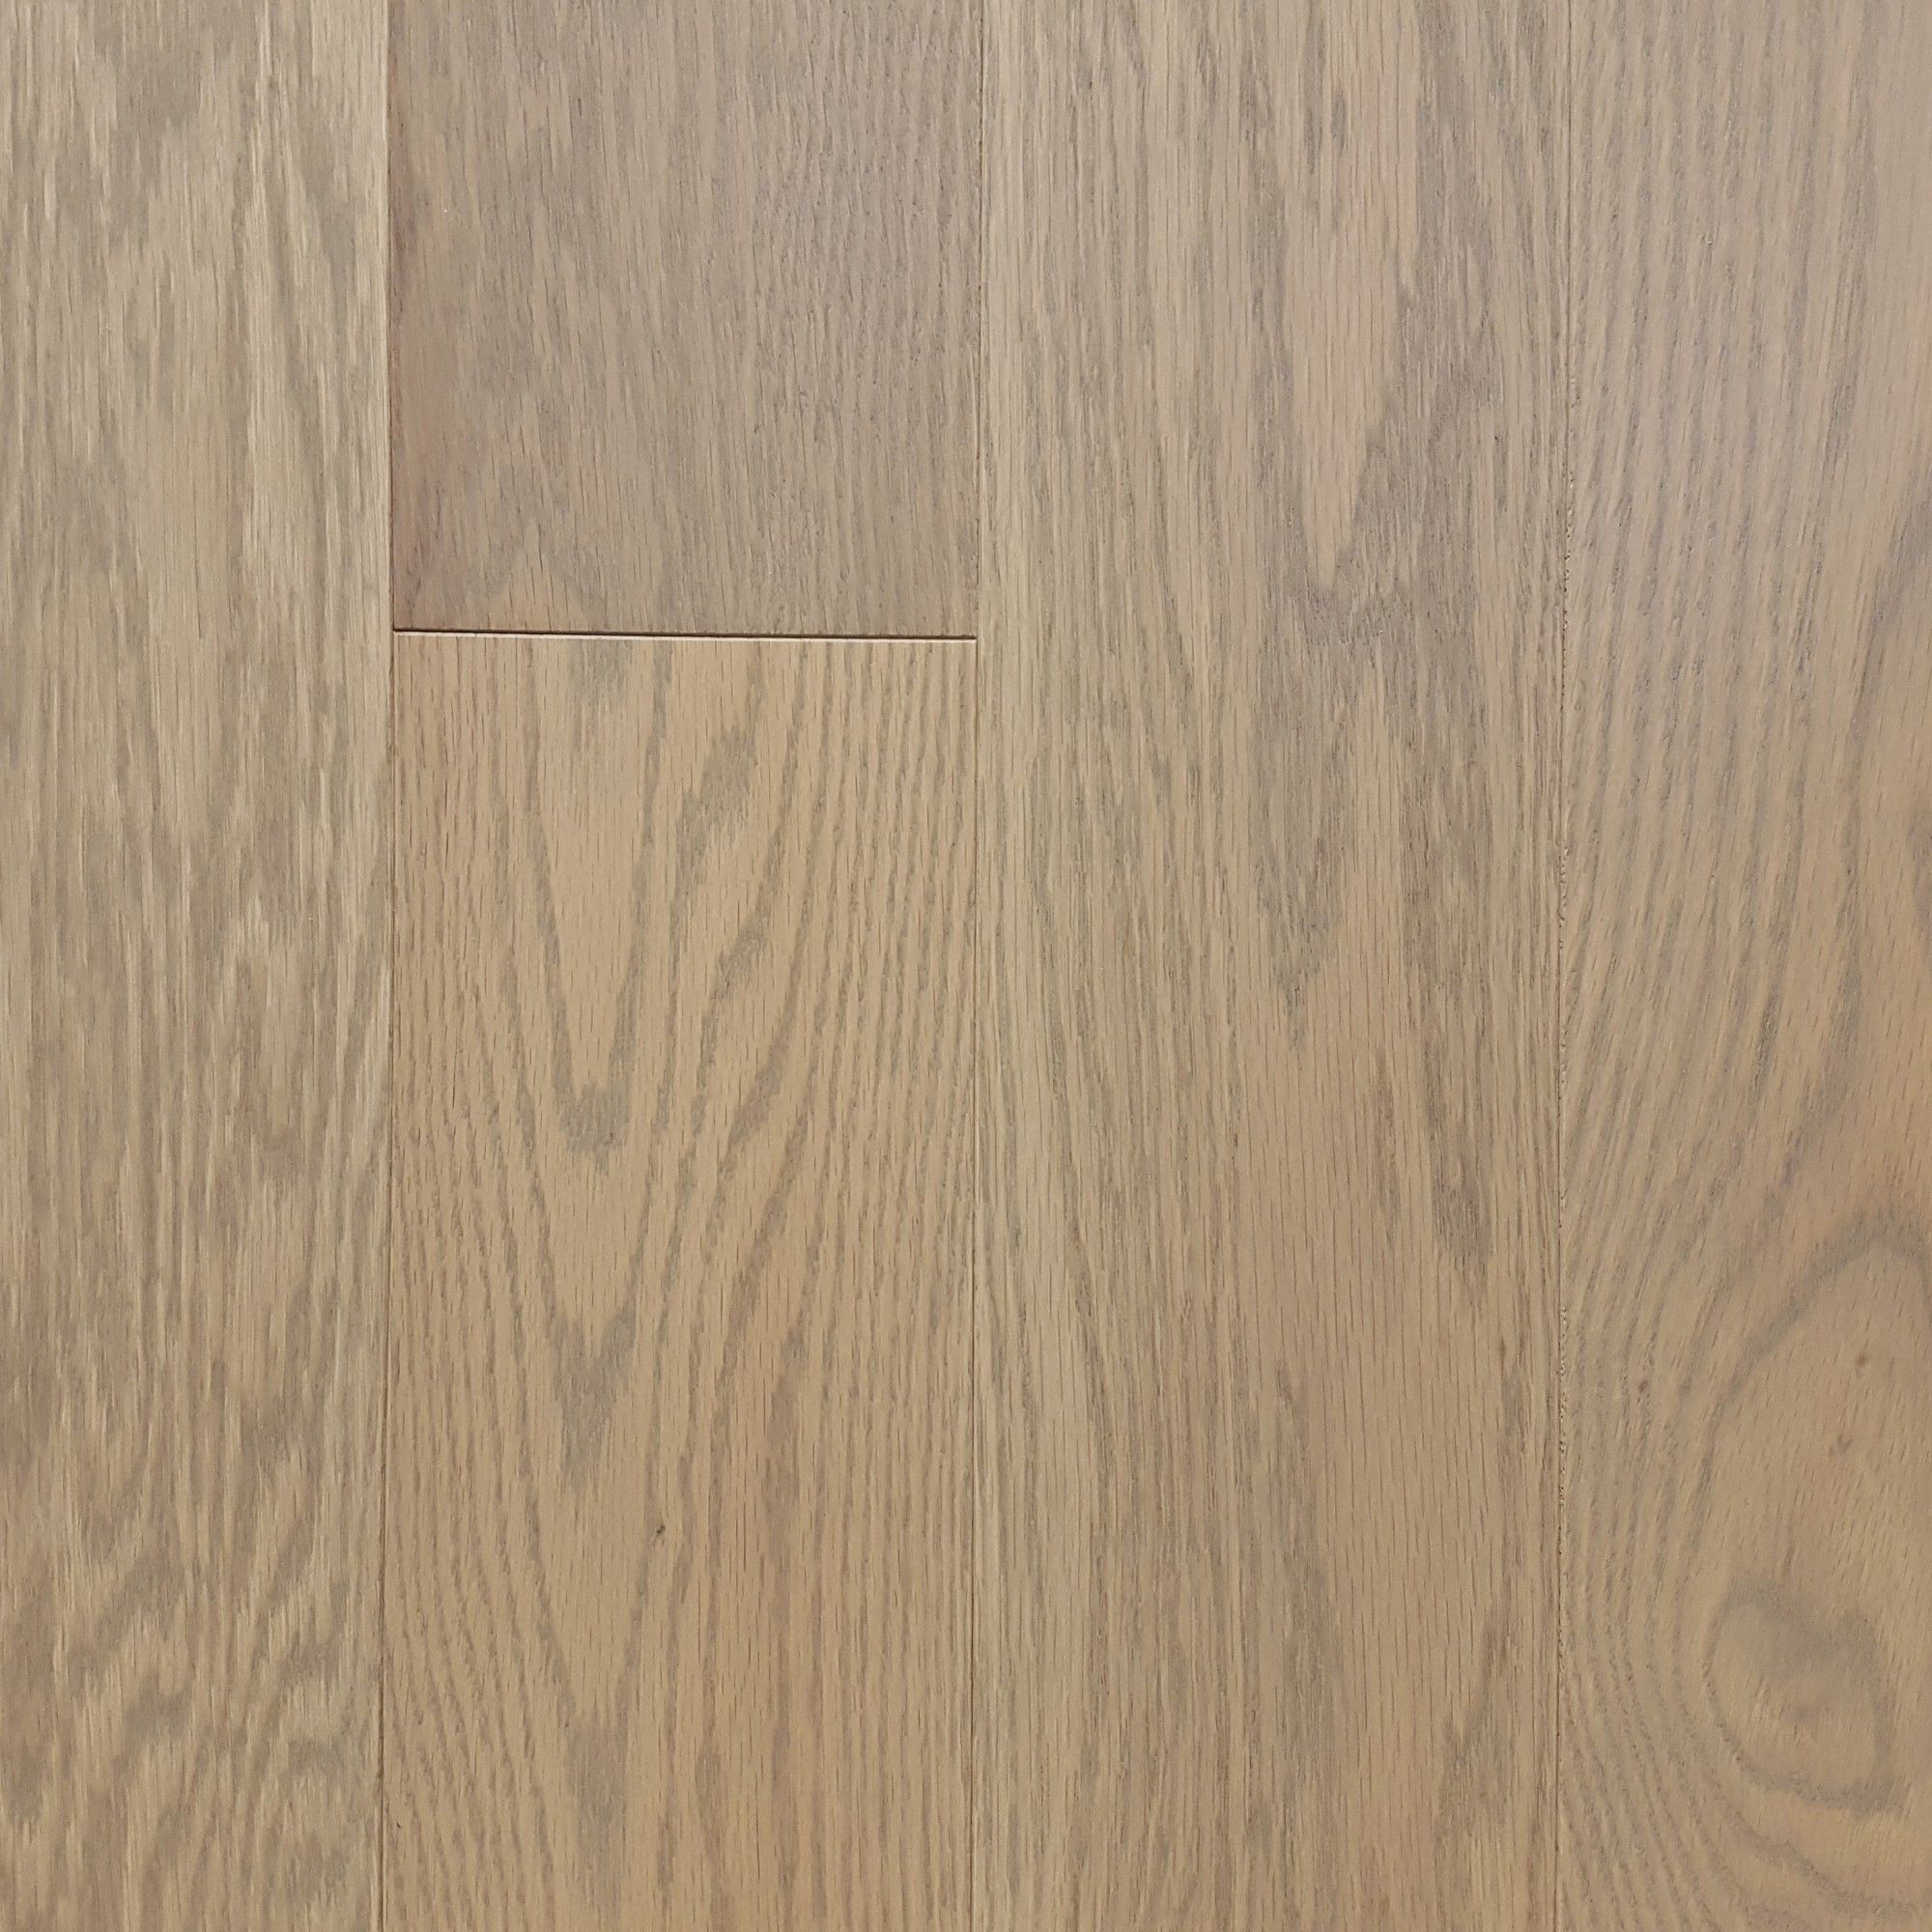 red oak hardwood flooring pictures of red oak baja vintage prefinished hardwood flooring low voc regarding red oak baja vintage prefinished hardwood flooring low voc take back